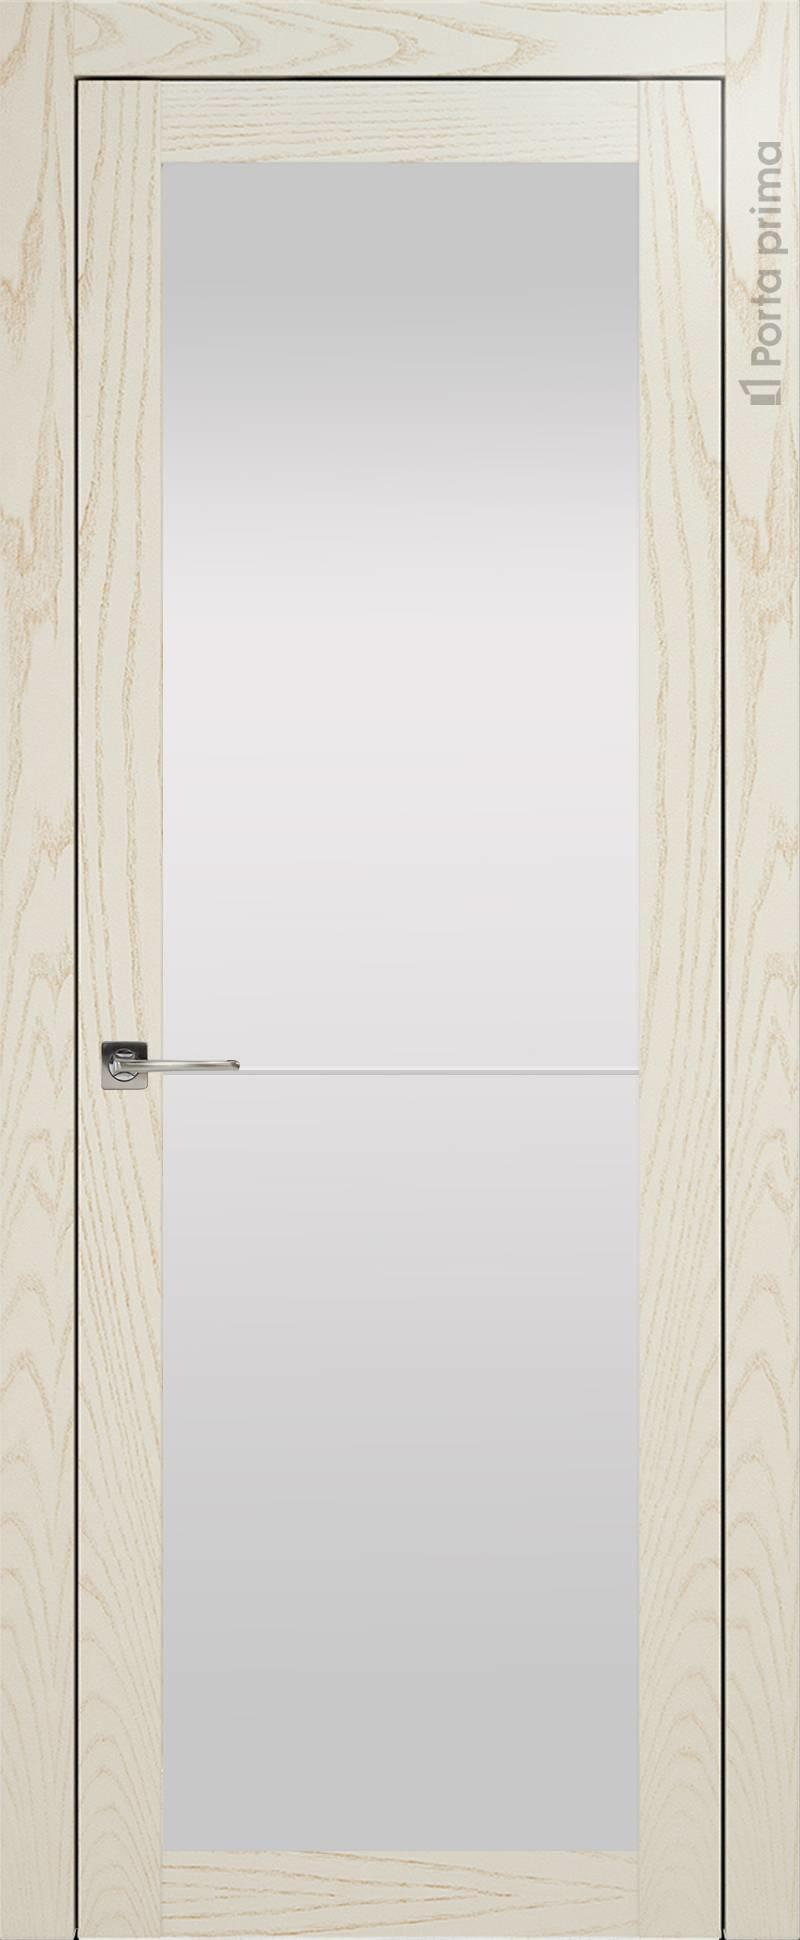 Tivoli З-2 цвет - Бежевый ясень Со стеклом (ДО)